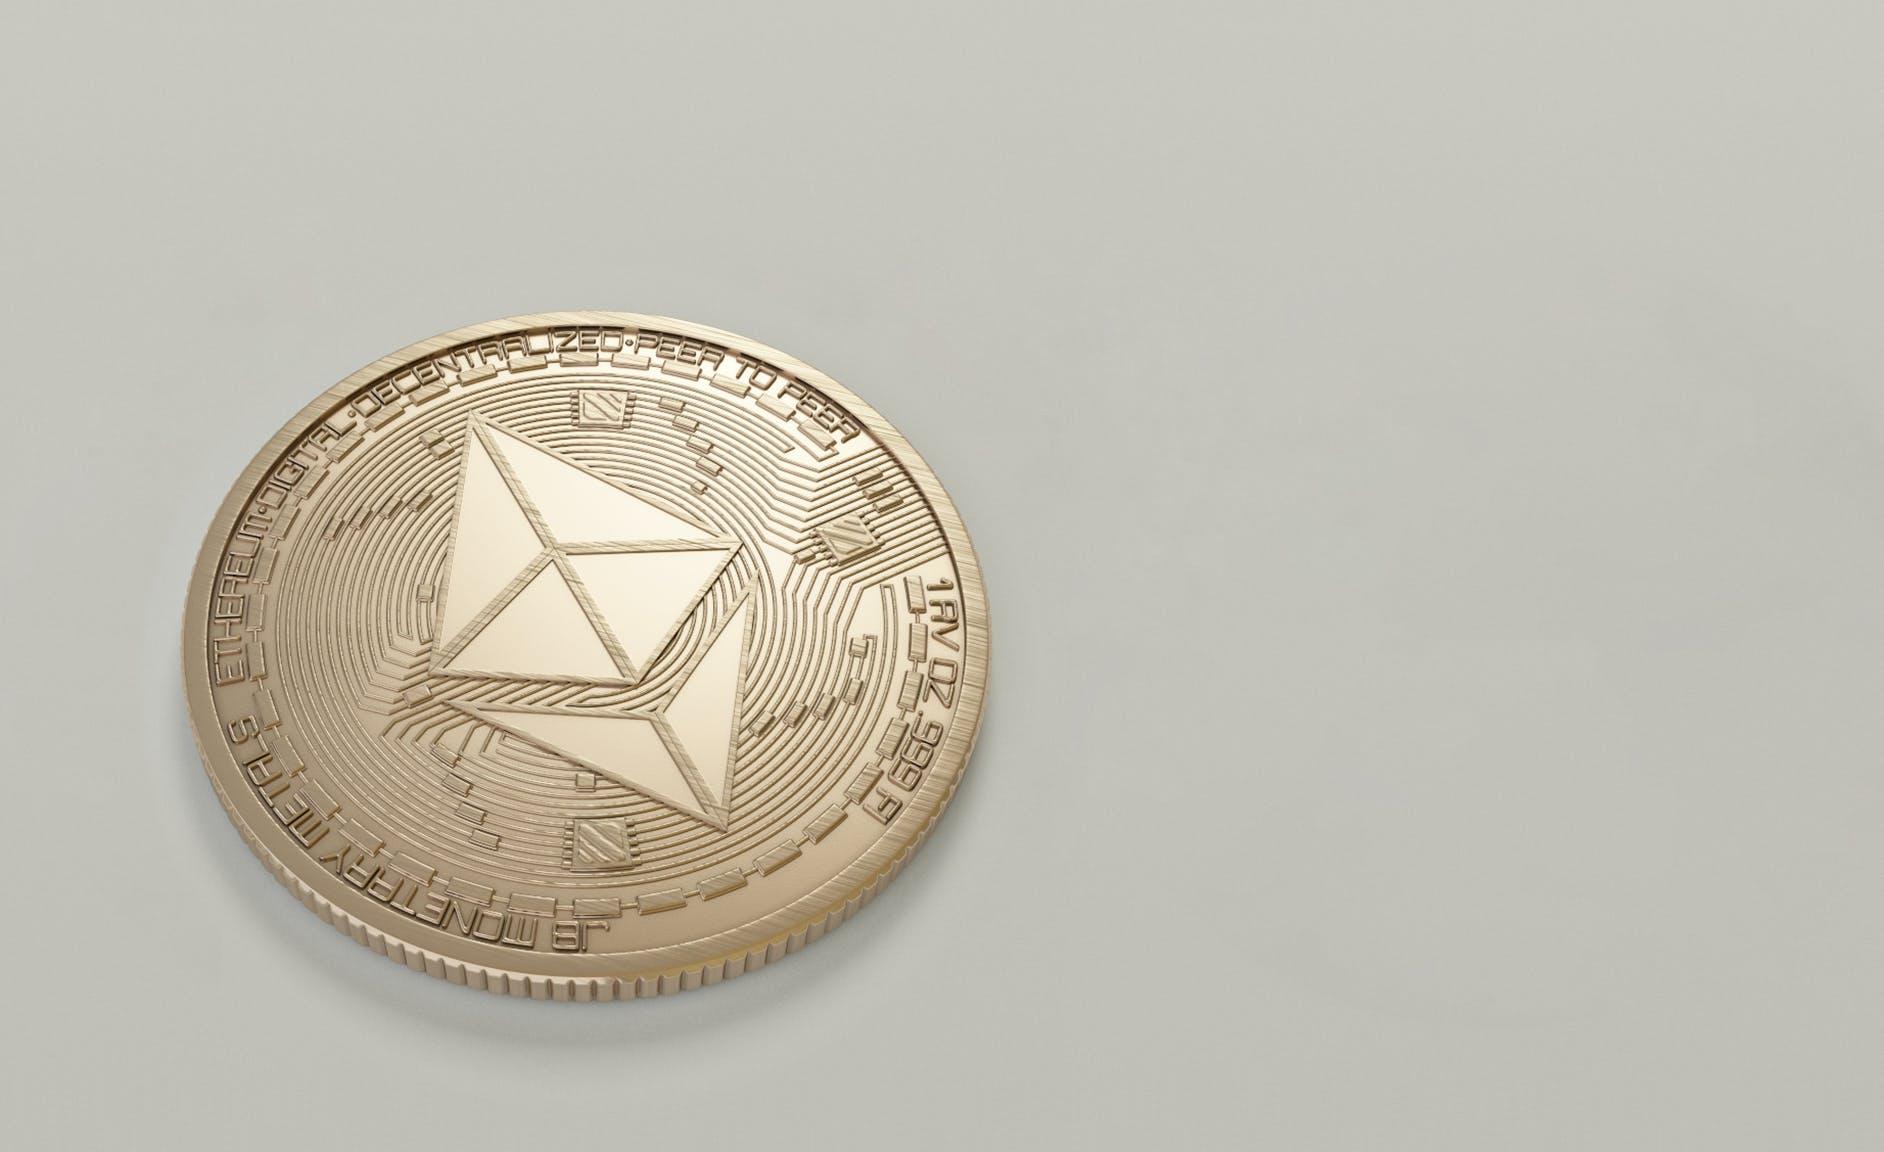 お金, エーテル, ゴールド, シンボルの無料の写真素材